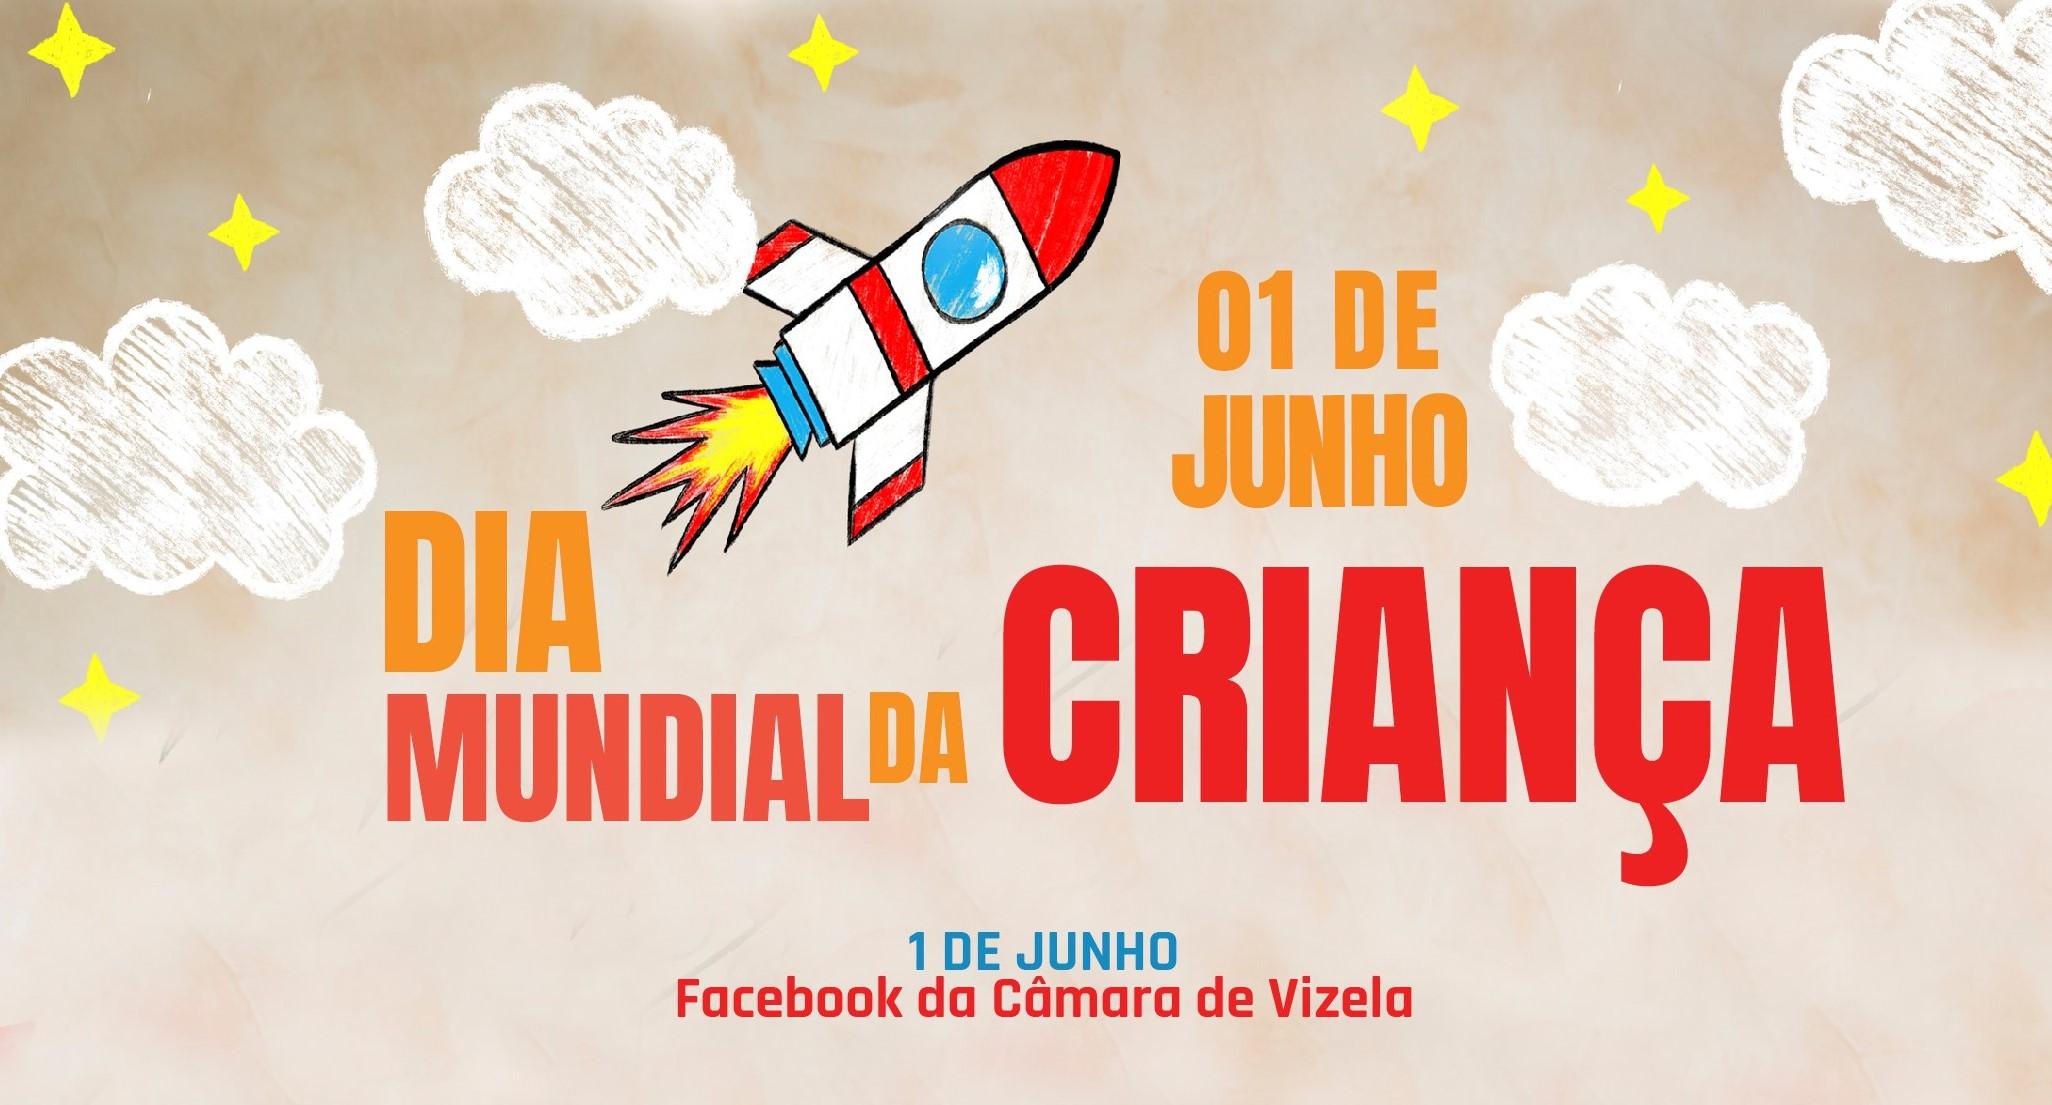 CÂMARA MUNICIPAL CELEBRA DIA MUNDIAL DA CRIANÇA COM PROGRAMA NO FACEBOOK